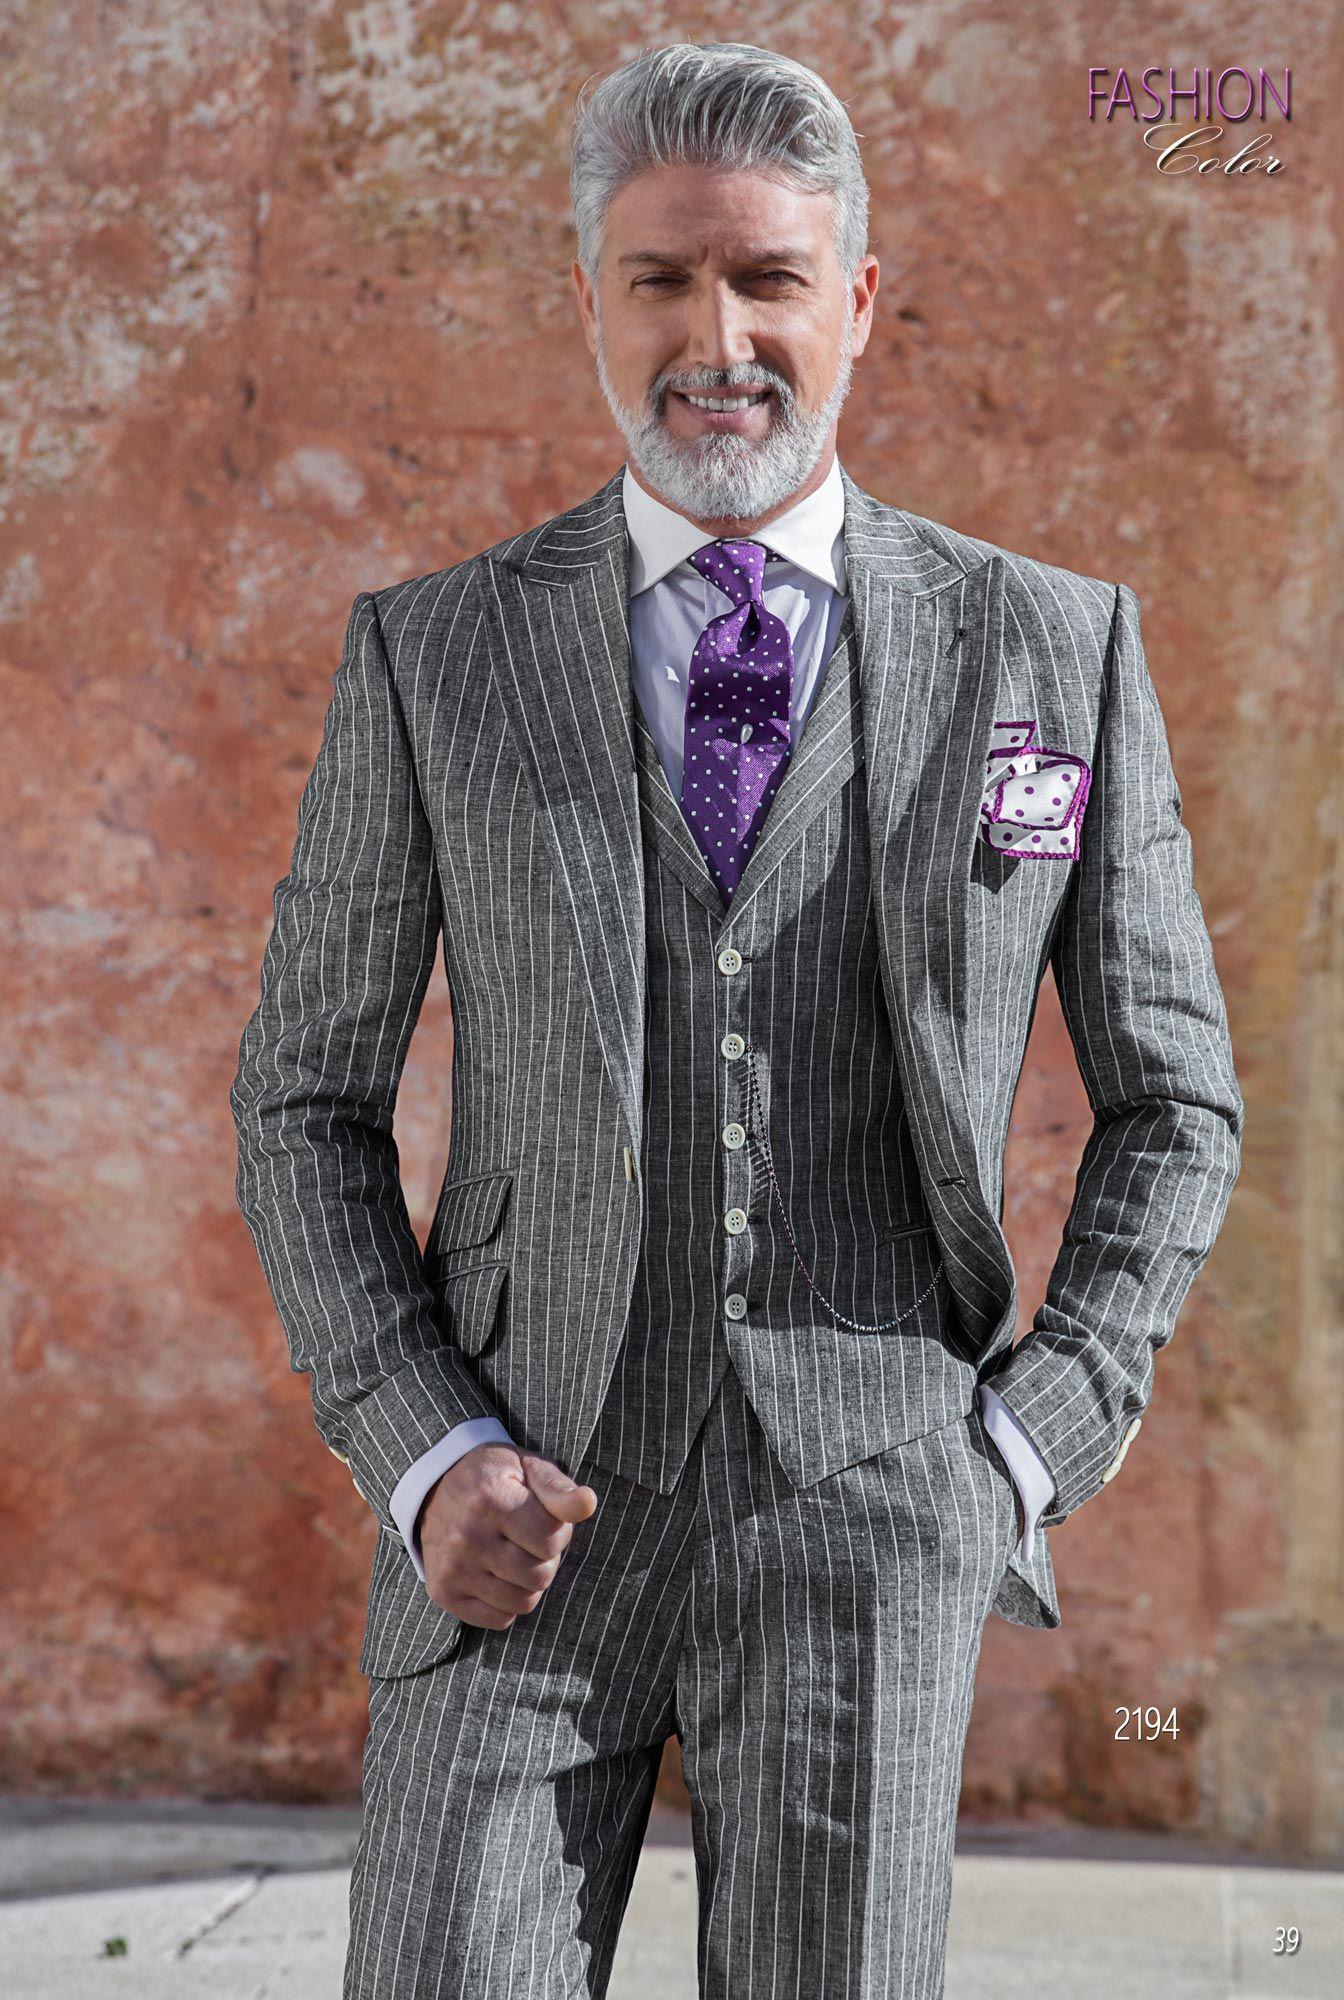 Abito Uomo Matrimonio Lino : Abito sposo moda fashion riga diplomatica gessata lino grigio